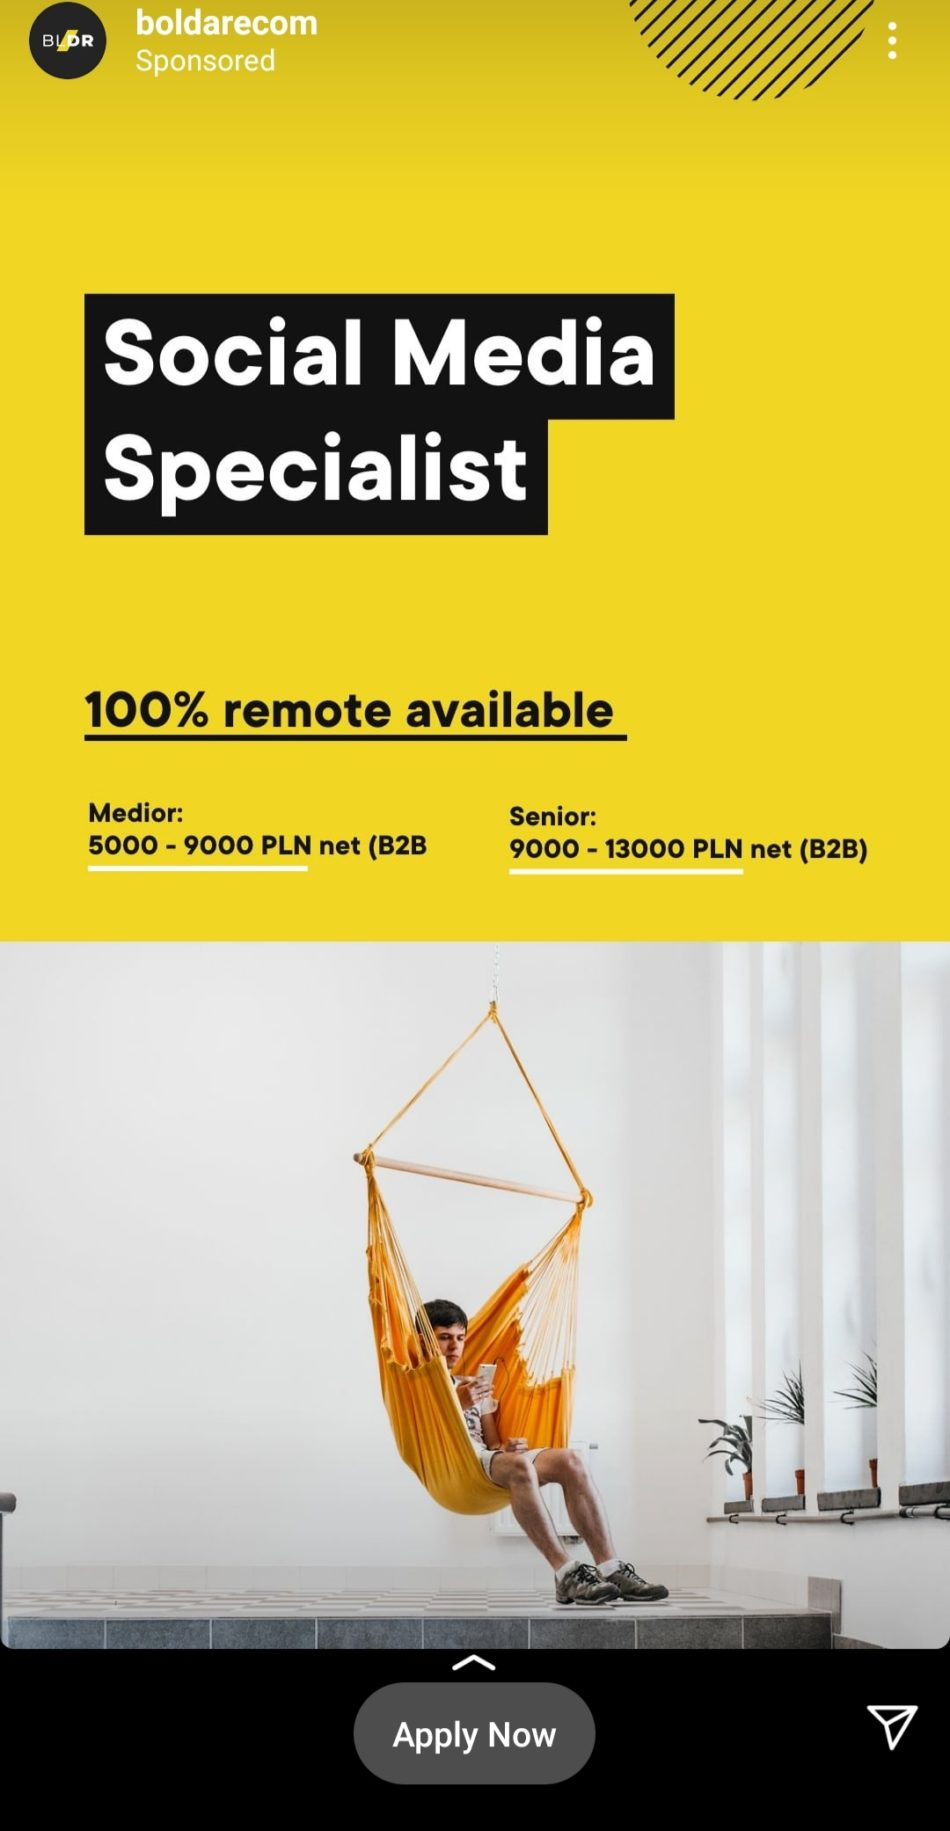 instagram ad for social media specialist